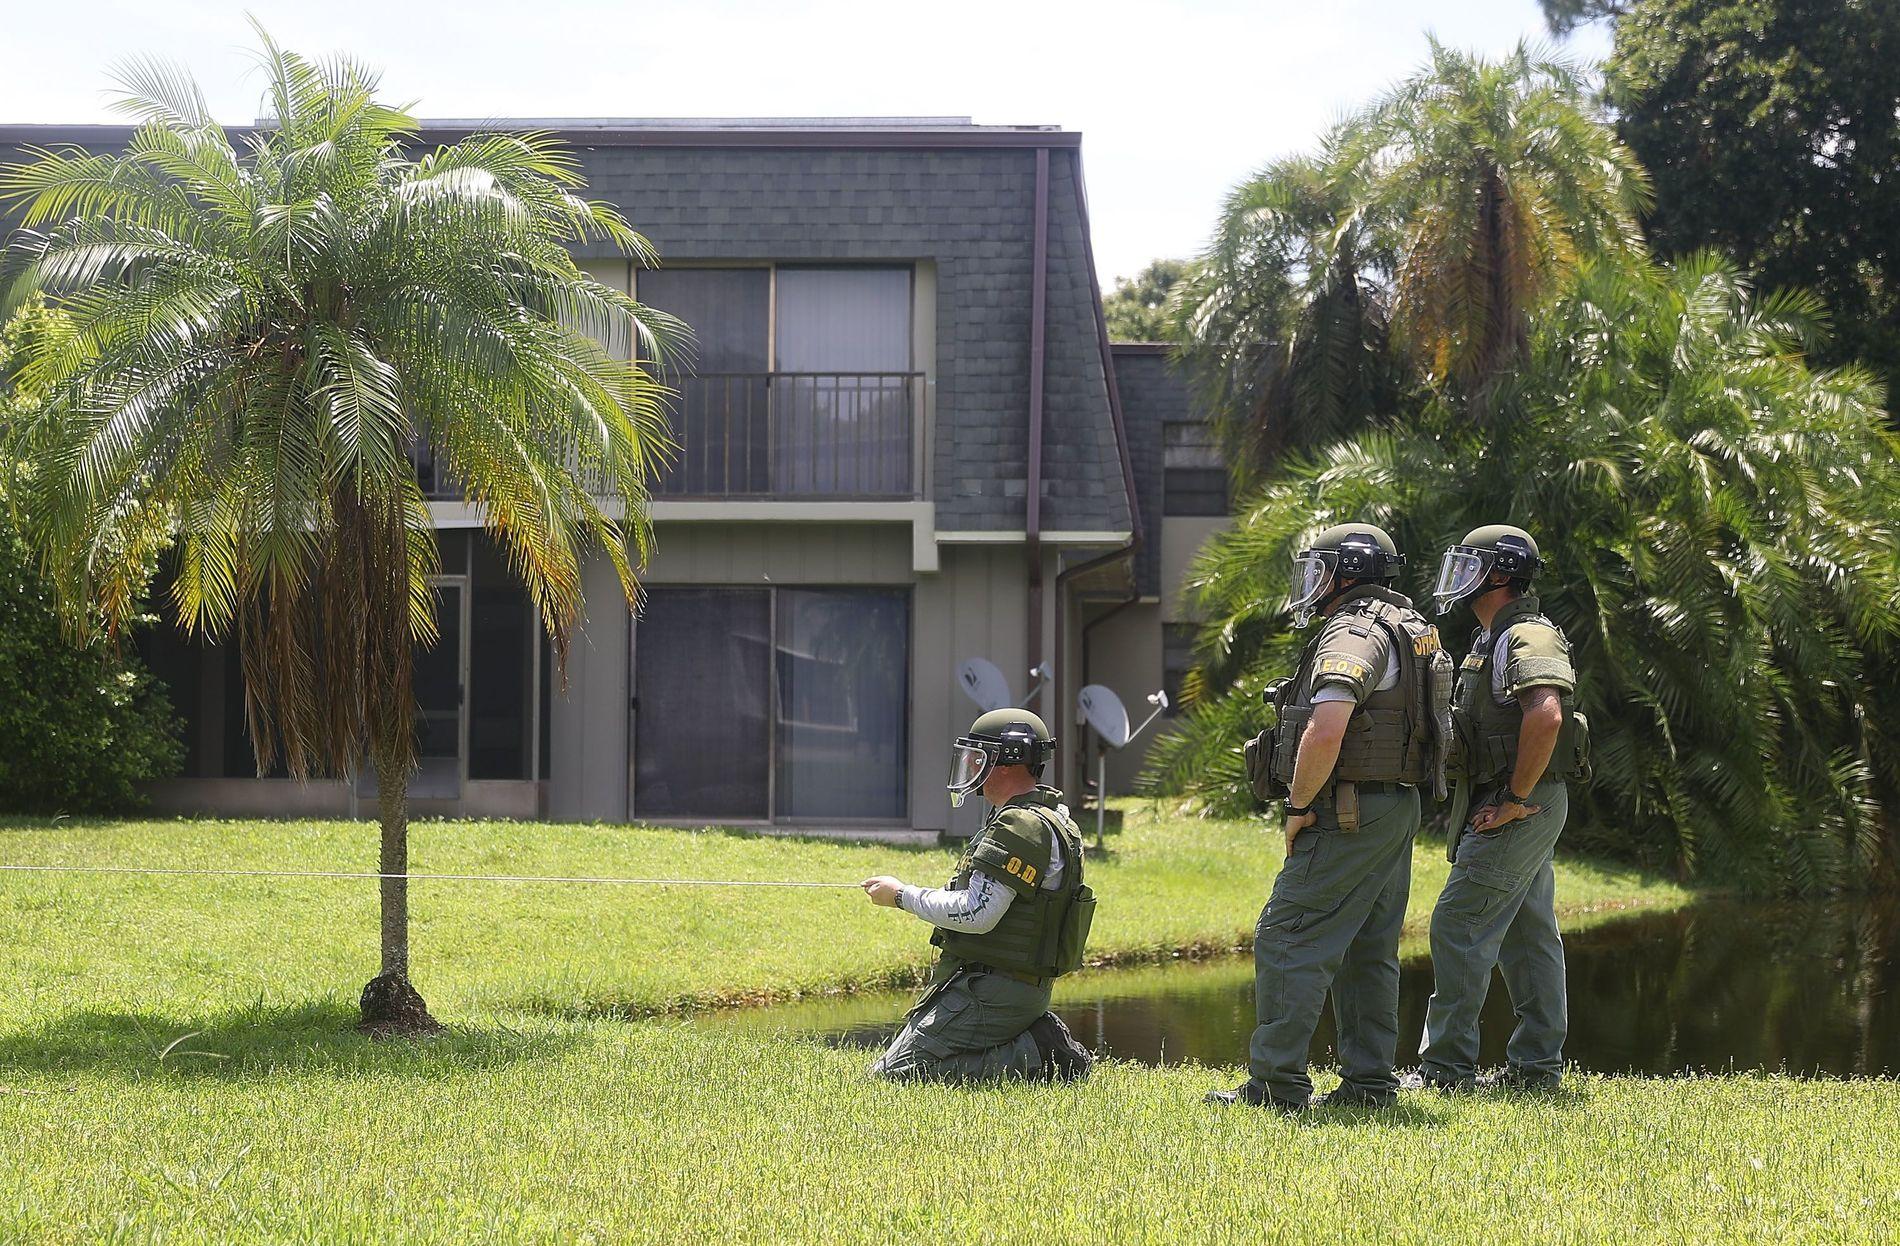 BAKDØREN: Det var her - gjennom en ulåst dør ut mot bakhagen til leilighetskomplekset i Fort Pierce - at noen få medier tok seg inn i massedrapsmannen Omar Mateens leilighet.